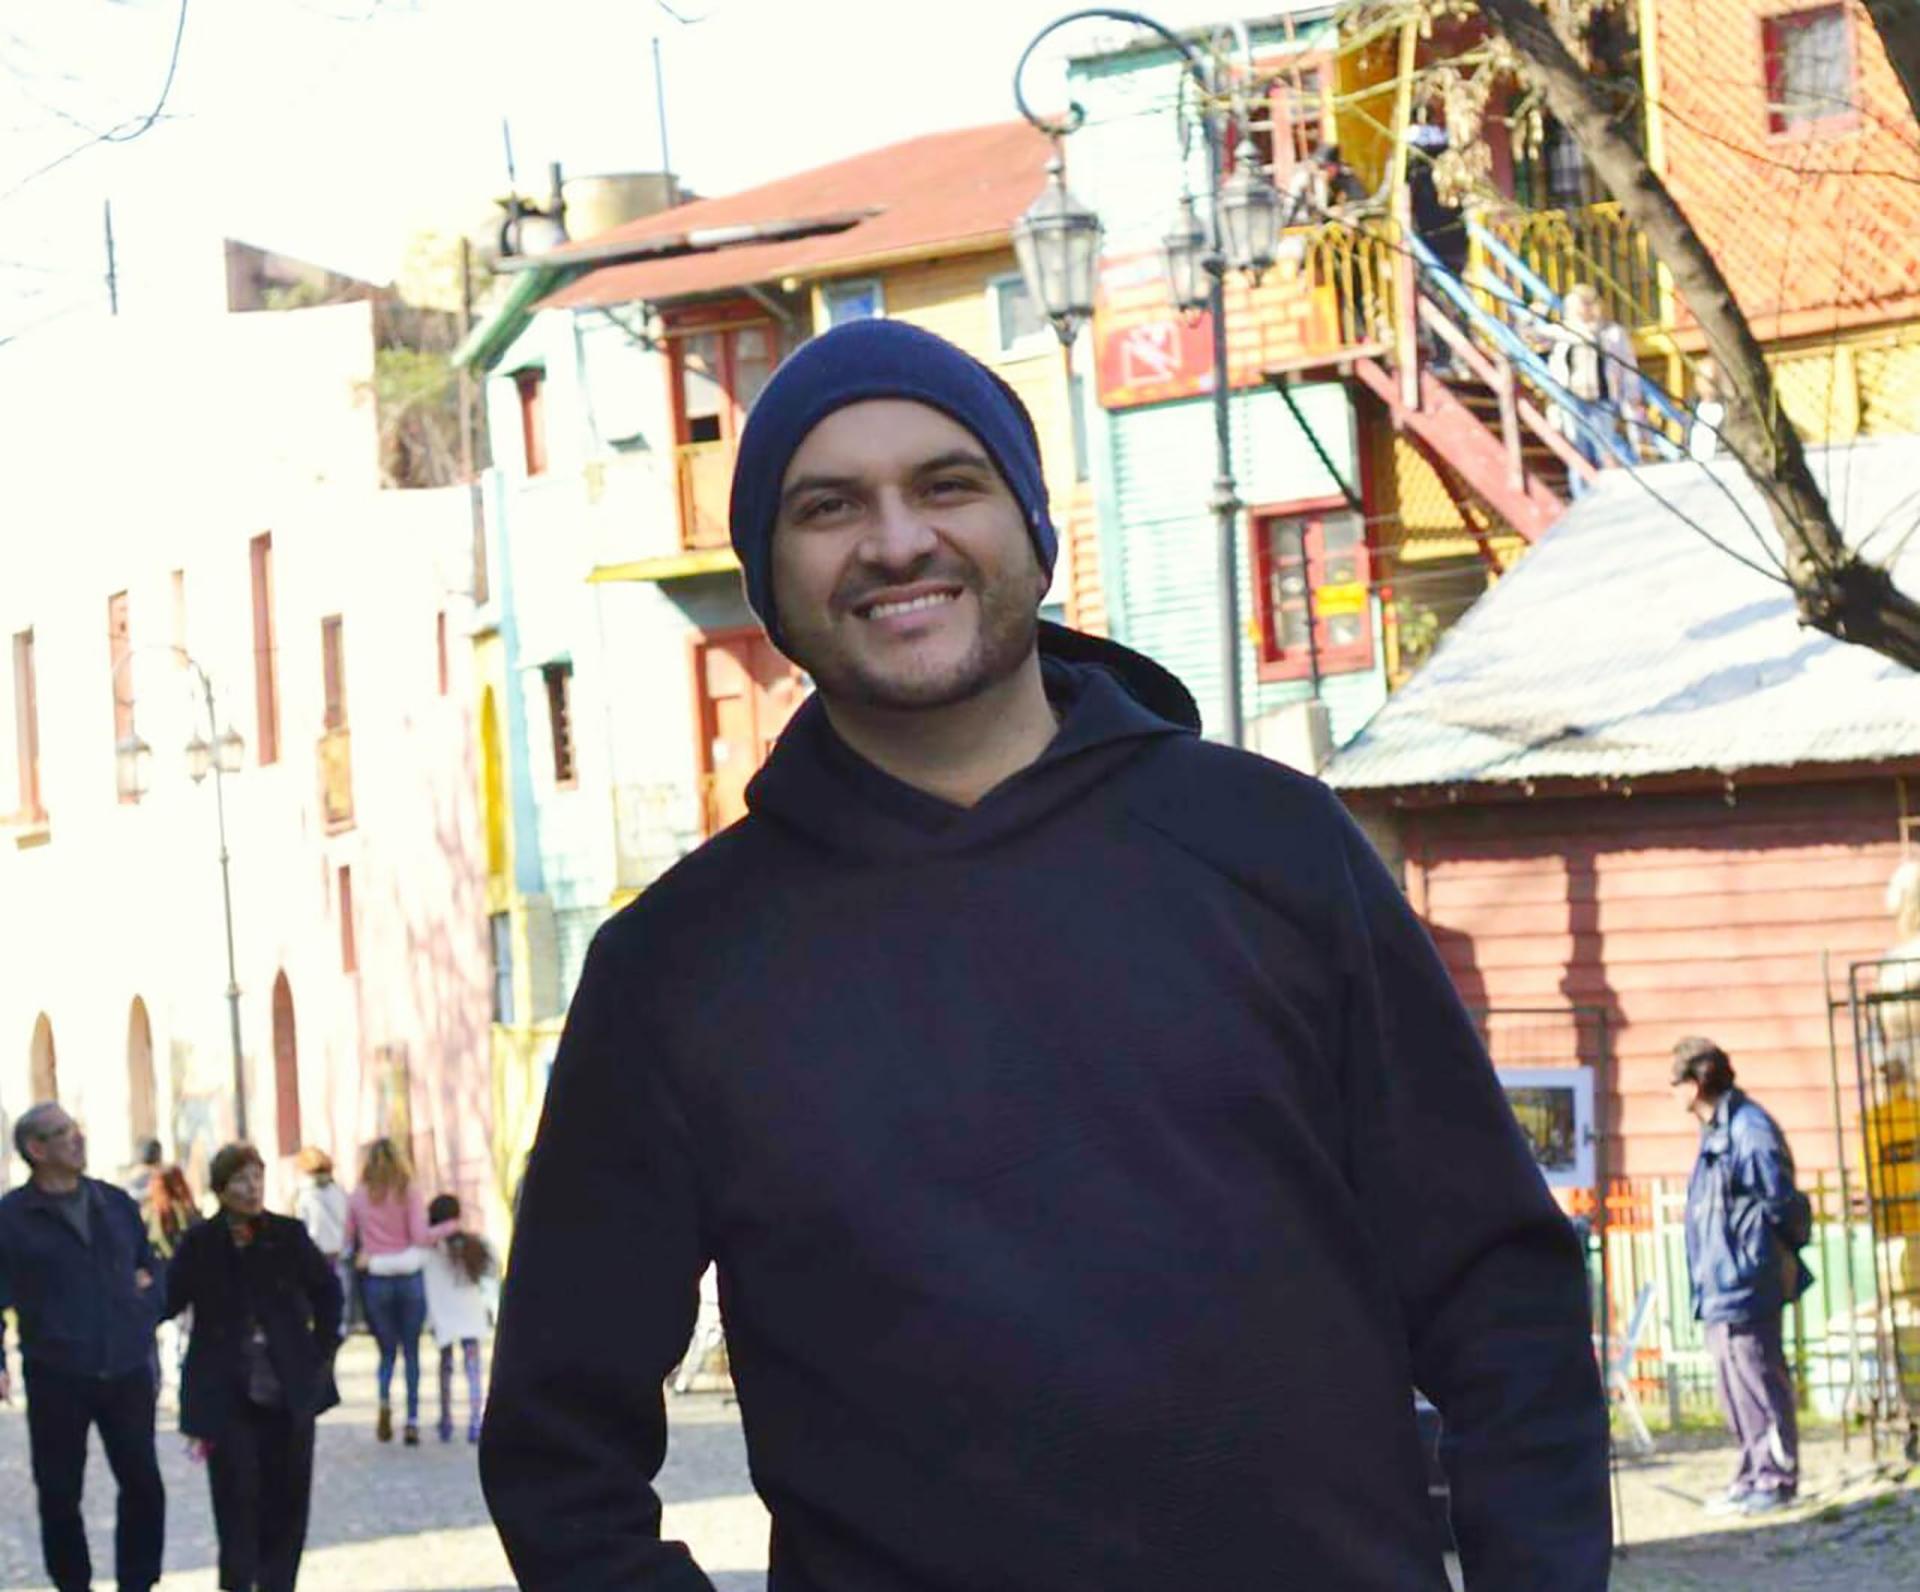 Juan Felipe Guevara llegó a Buenos Aires con la ilusión de estudiar periodismo deportivo. Modera distintas páginas de Facebook y grupos de Whatsapp con miembros de la comunidad colombiana